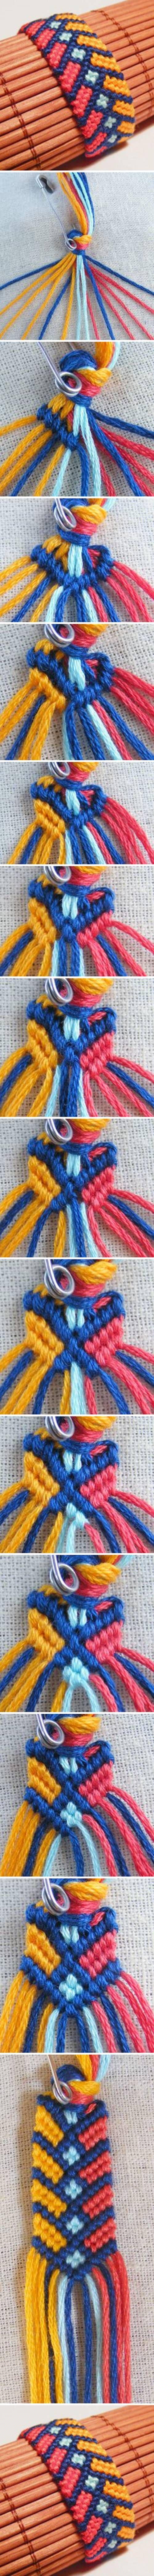 Diy Stylish Square Knot Macrame Bracelet Friendship Bracelets